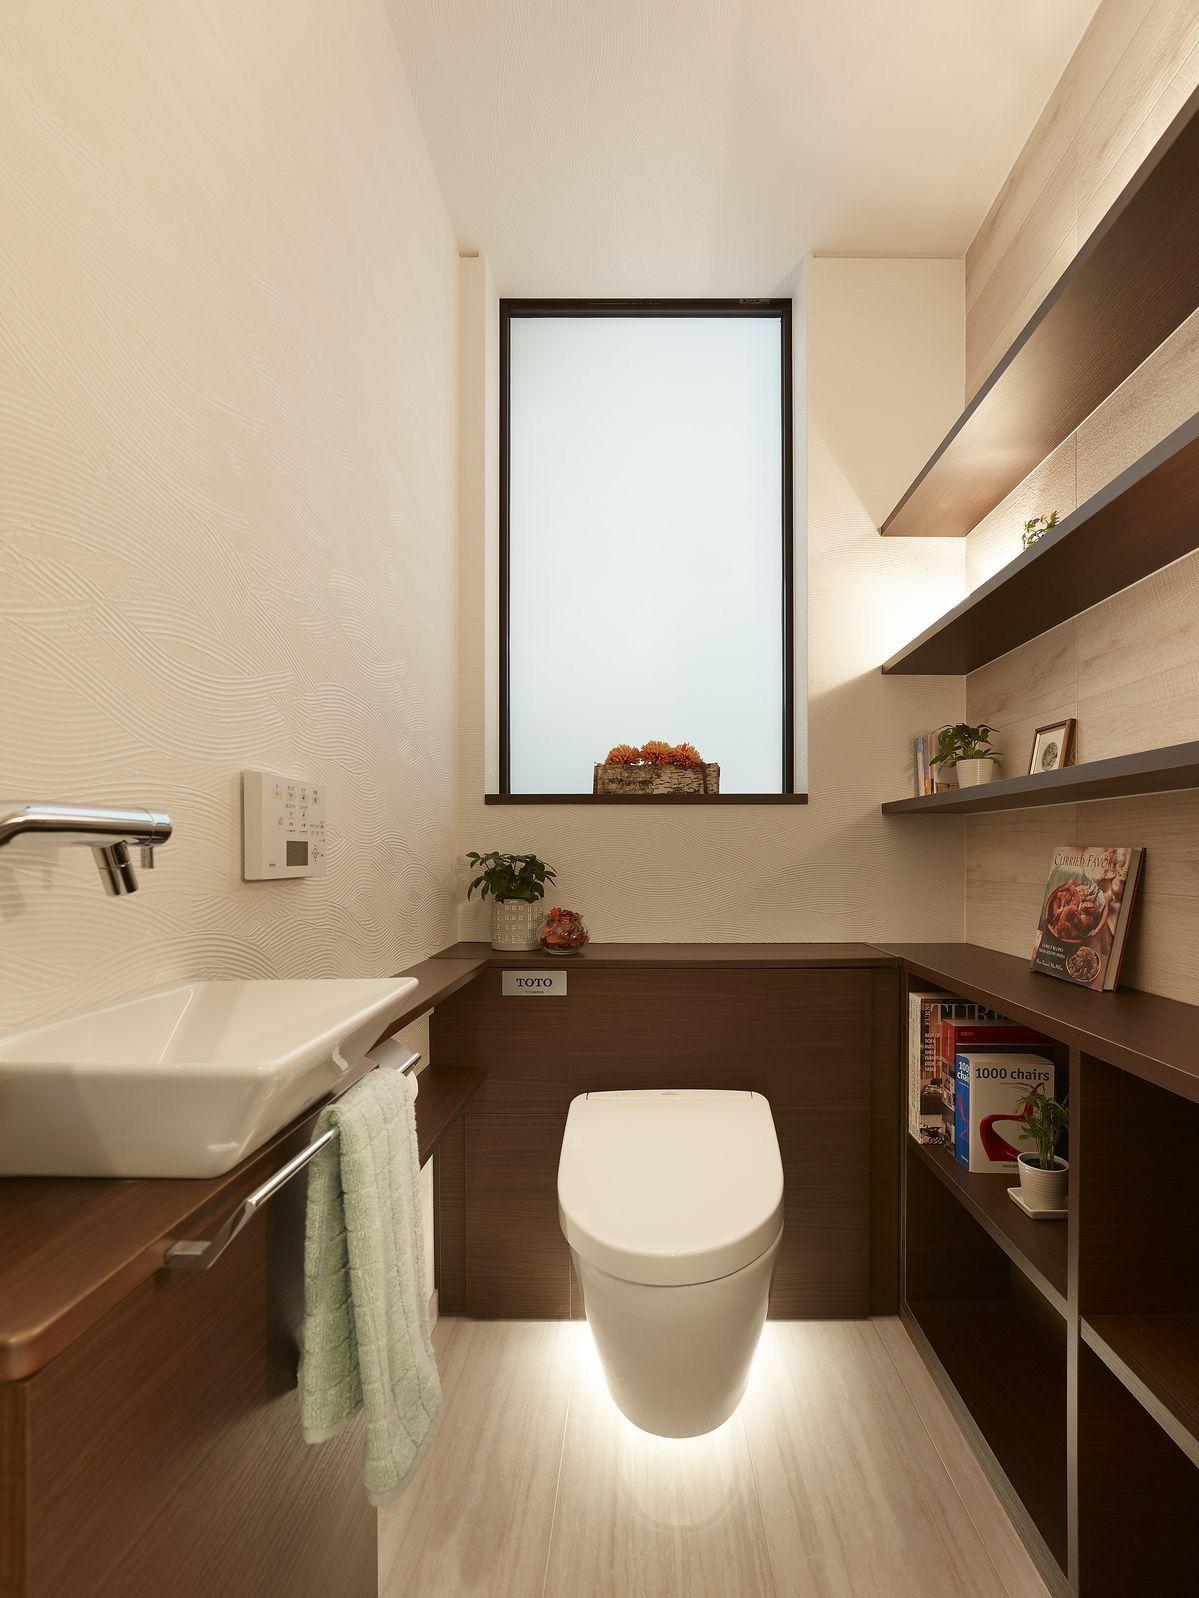 ミサワホームイングデザインリフォーム 機能的で落ち着いたトイレ空間 壁面にはスクエア型の手洗い とカウンター 反対側には本や小物を飾れる棚を造作して収納を充実させました フロートタイプのタンクレストイレは床掃除のしやすさが特徴 また 足元をほんのり